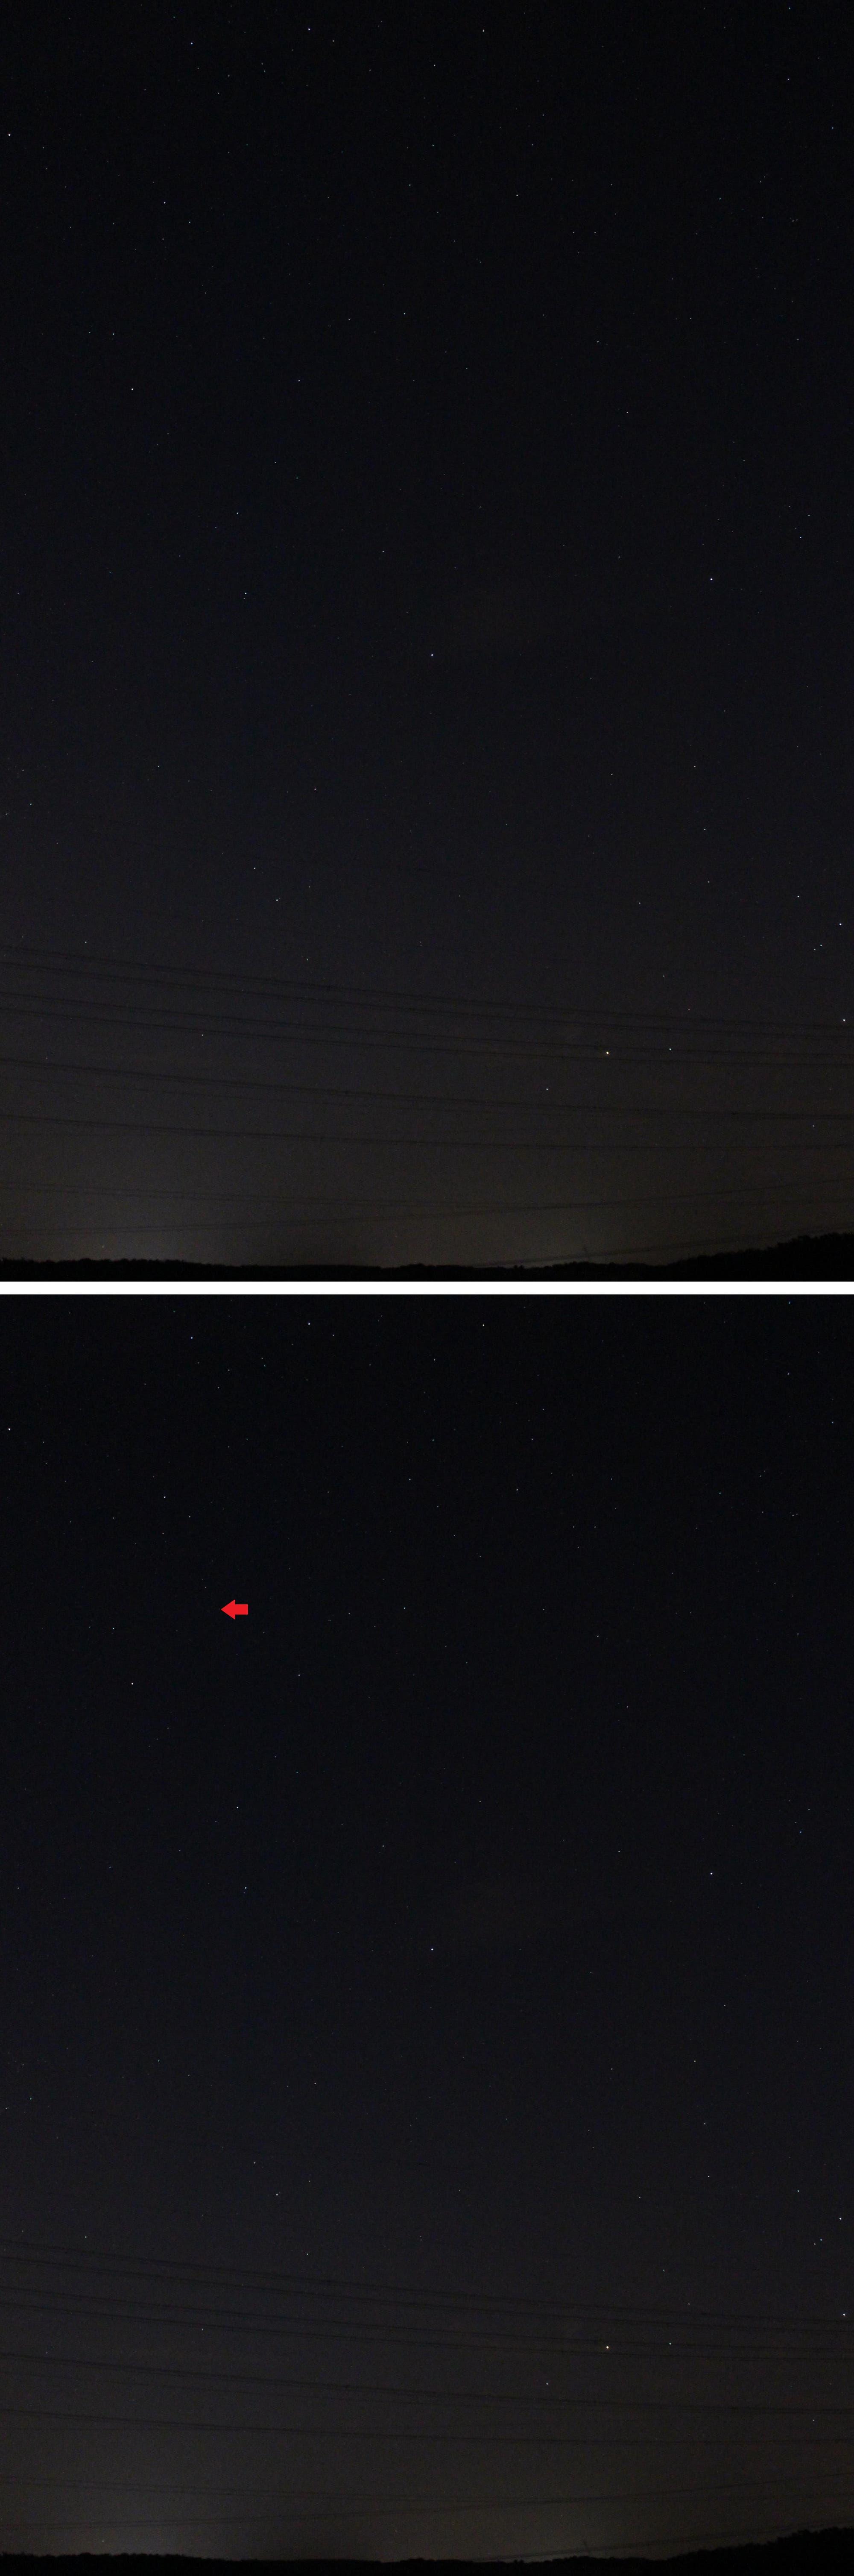 Östlicher Teil des Sternbildes Schlangenträger mit RS Ophiuchi